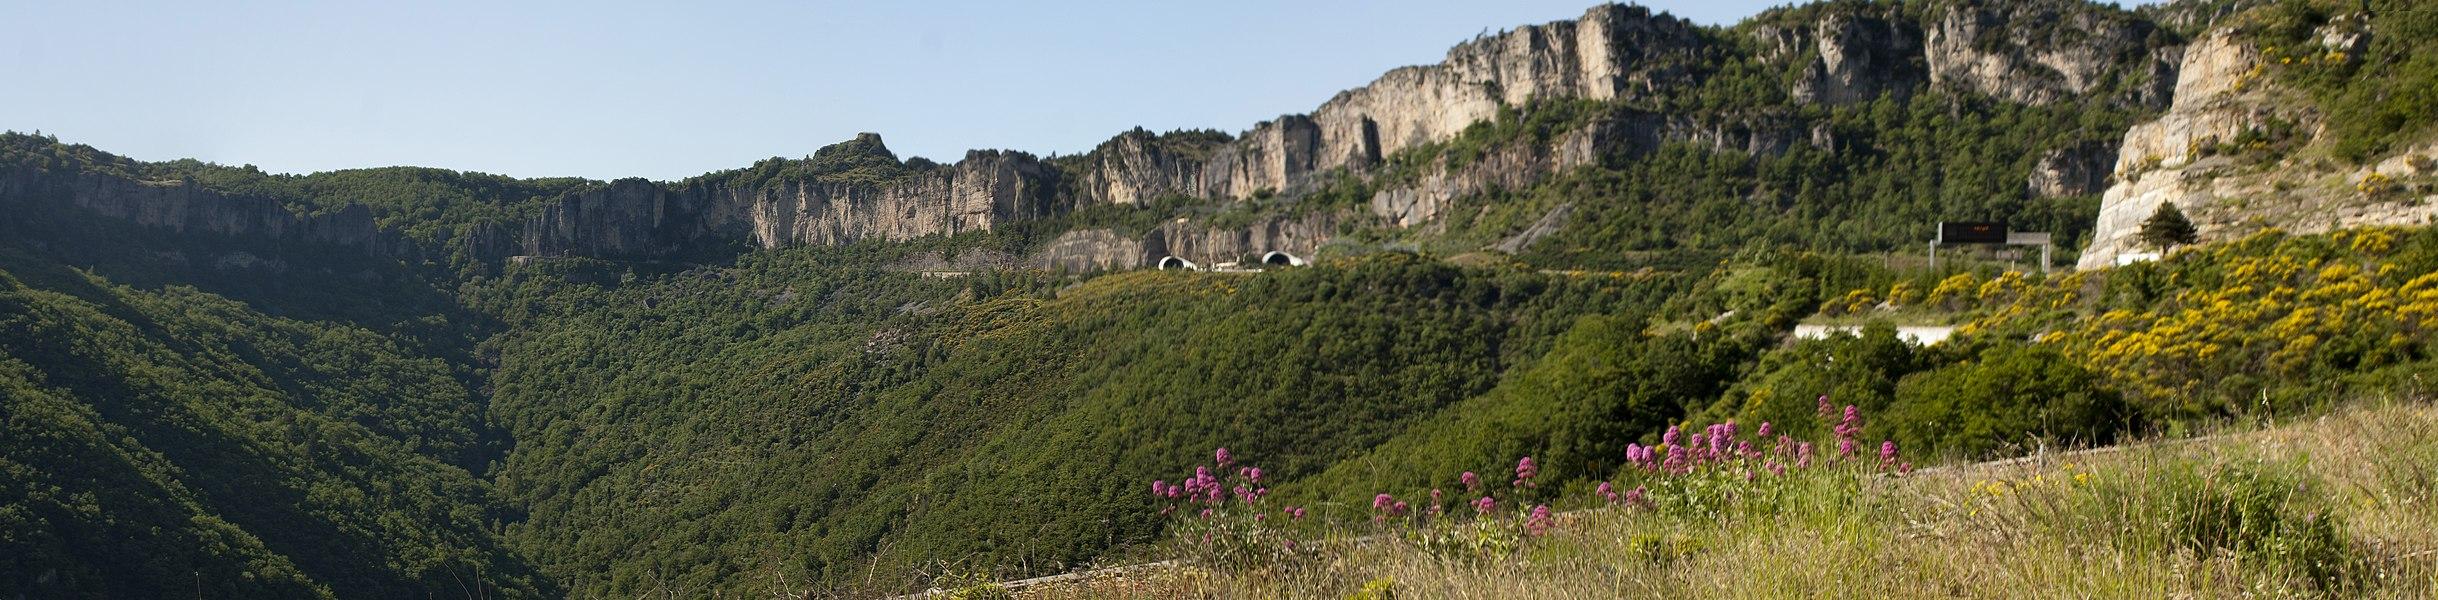 The cliffs of the Pas de l'escalette mark the southern limit of the Larzac plateau. View from the belvédère of Pégairolles-de-l'Escalette.